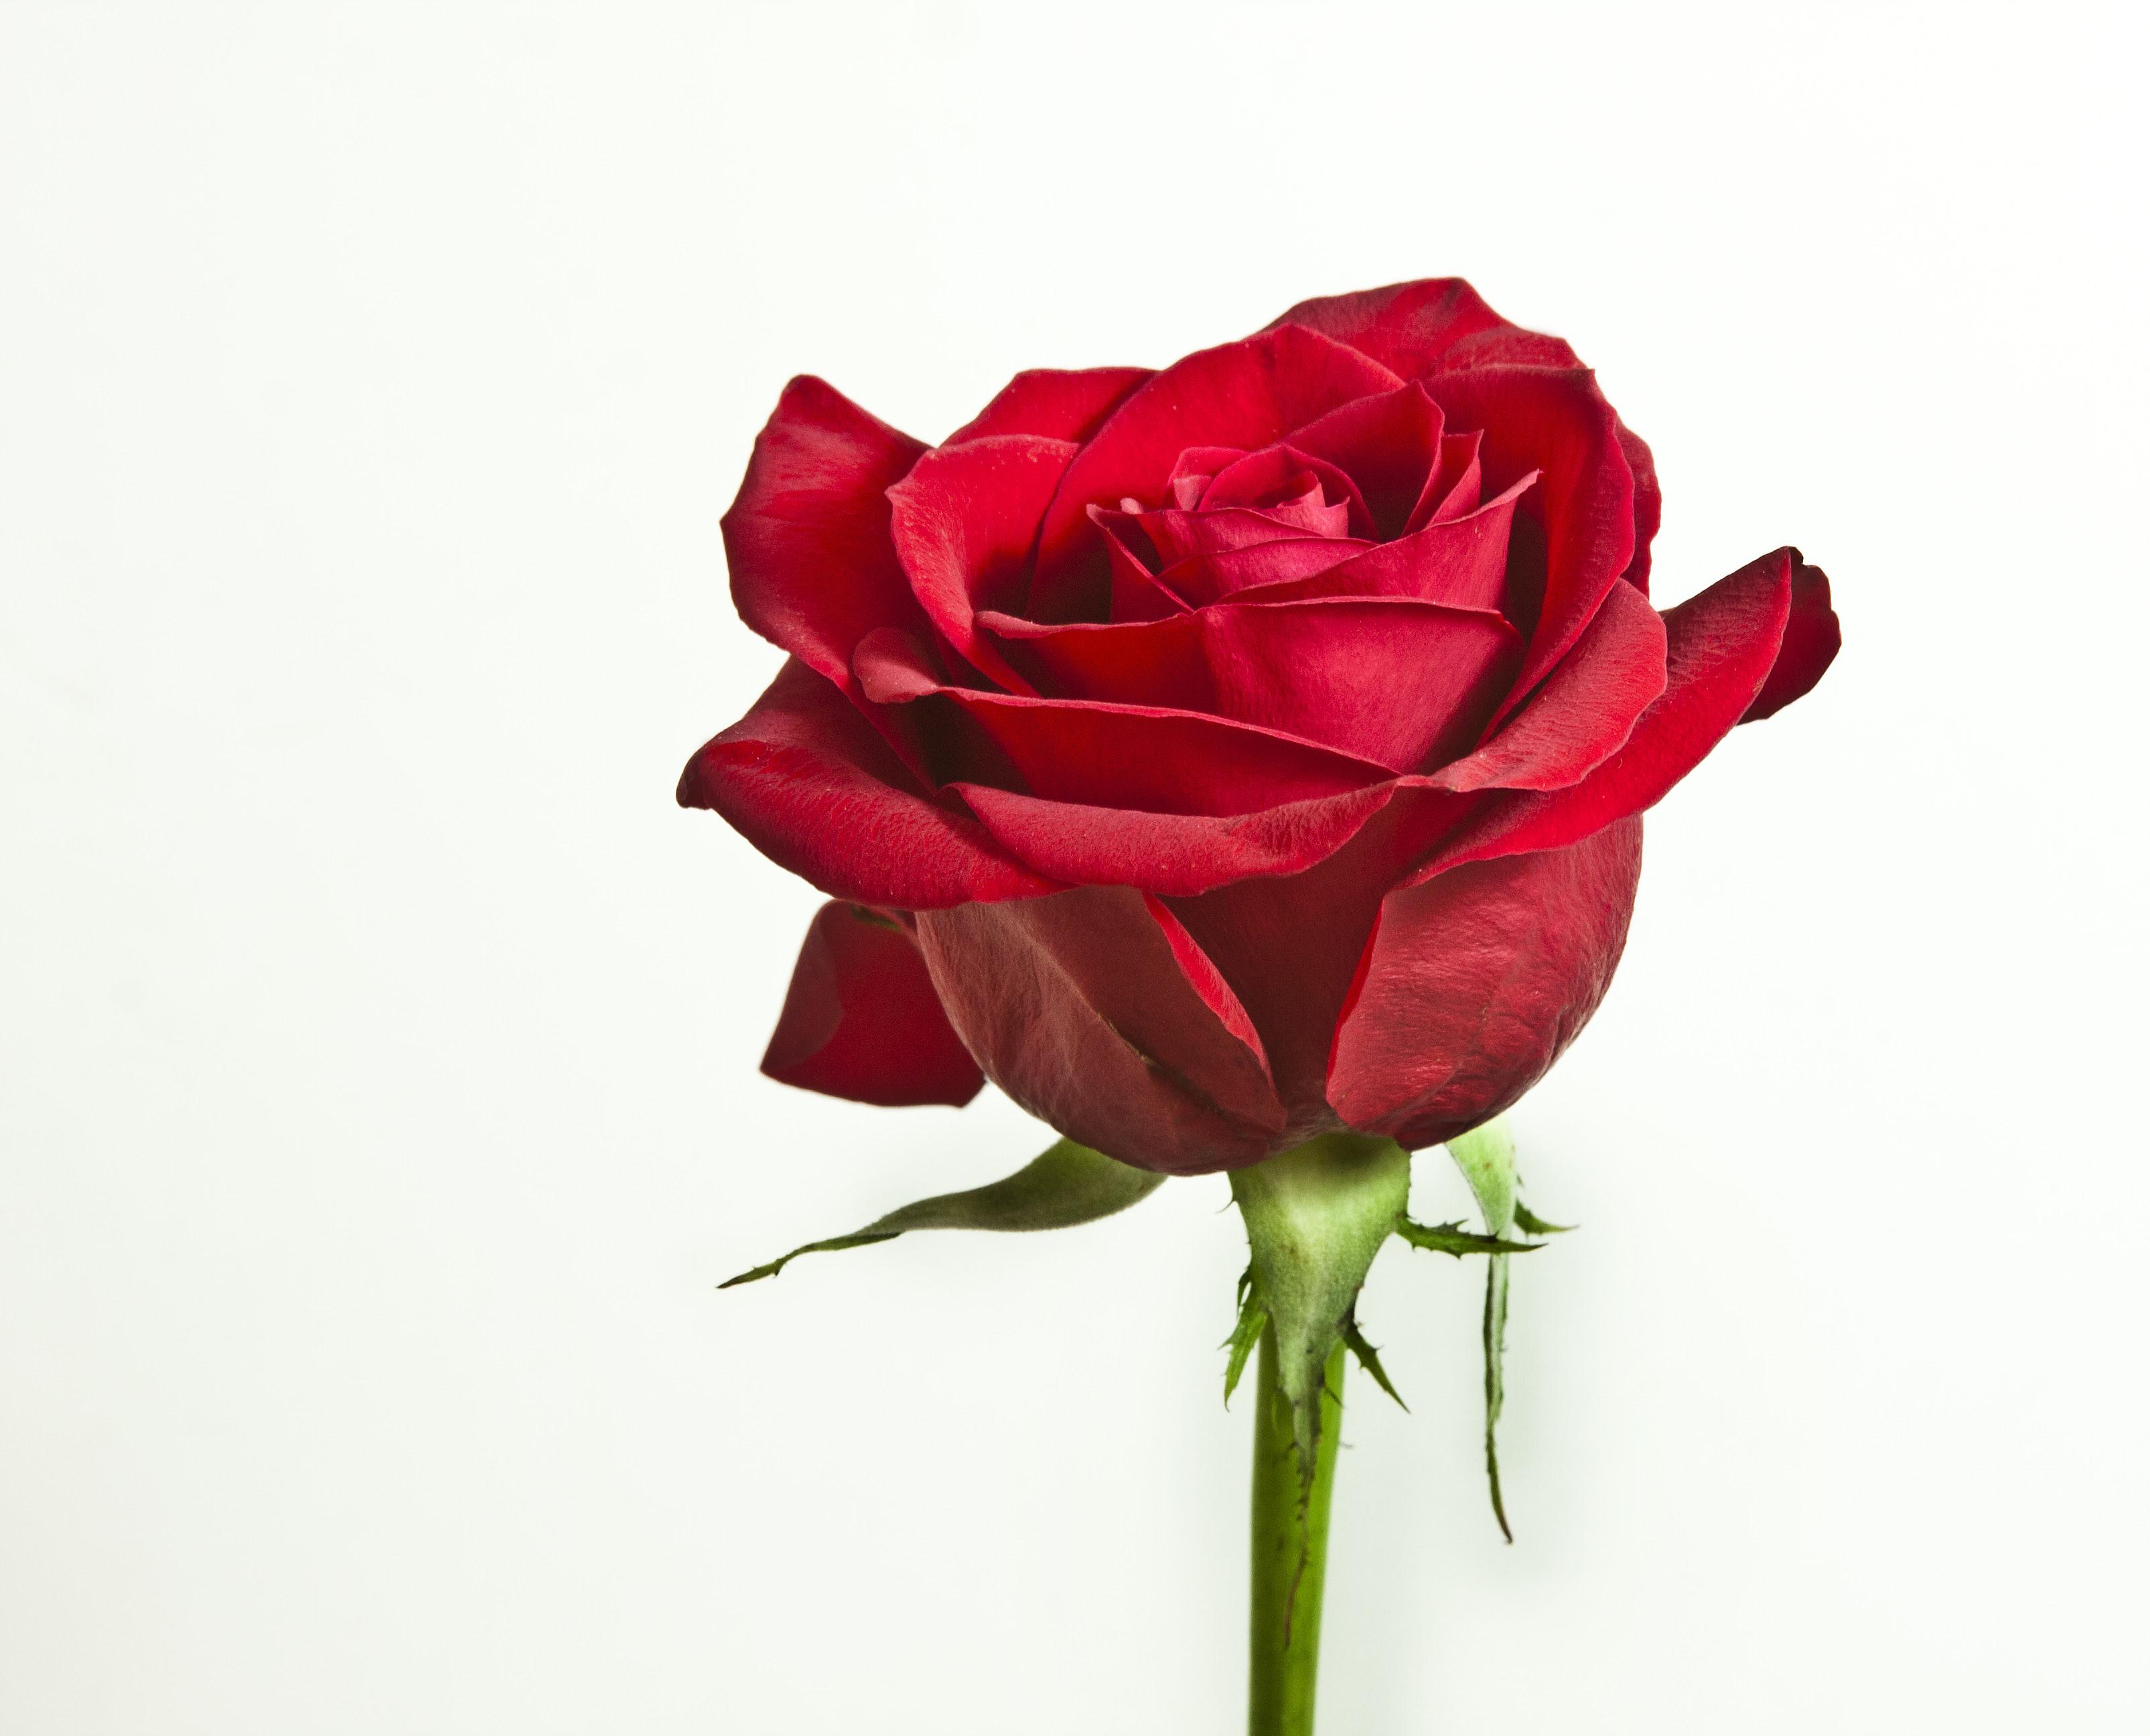 無料写真素材 花 植物 薔薇 バラ画像素材なら 無料 フリー写真素材のフリーフォト